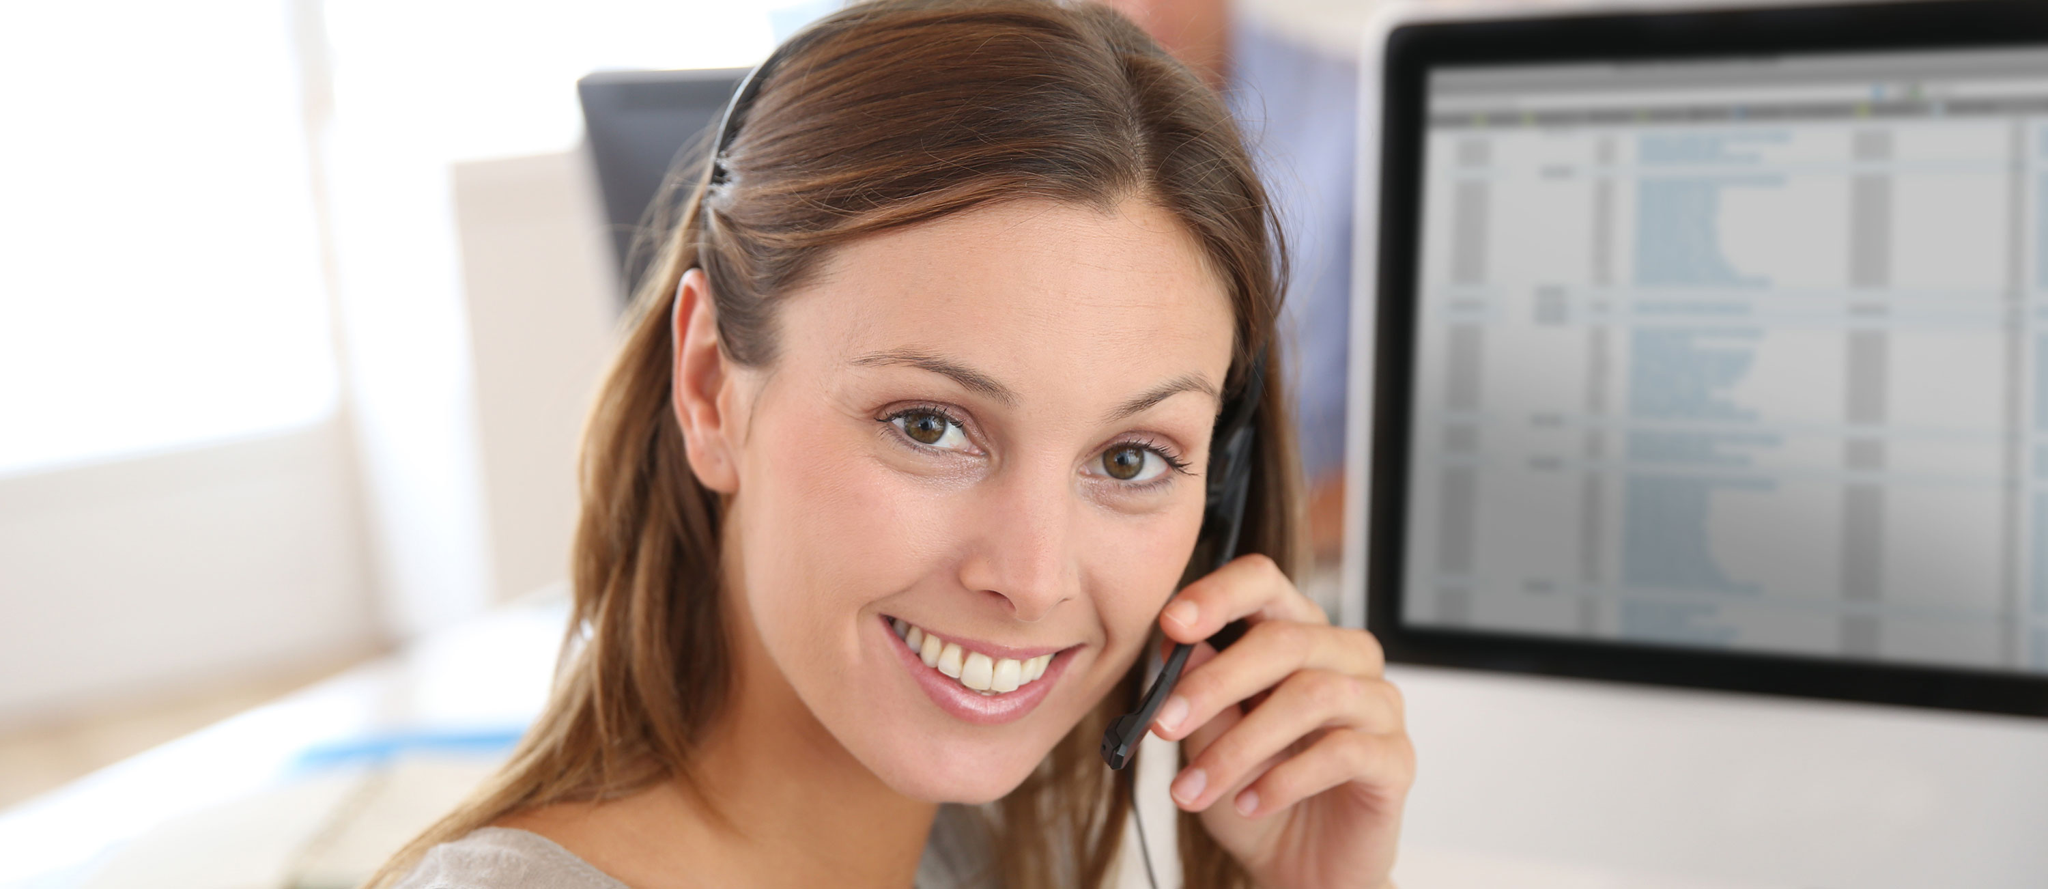 Die telefonische Akquise für IT-Unternehmen – mit Pfiff und Schwung